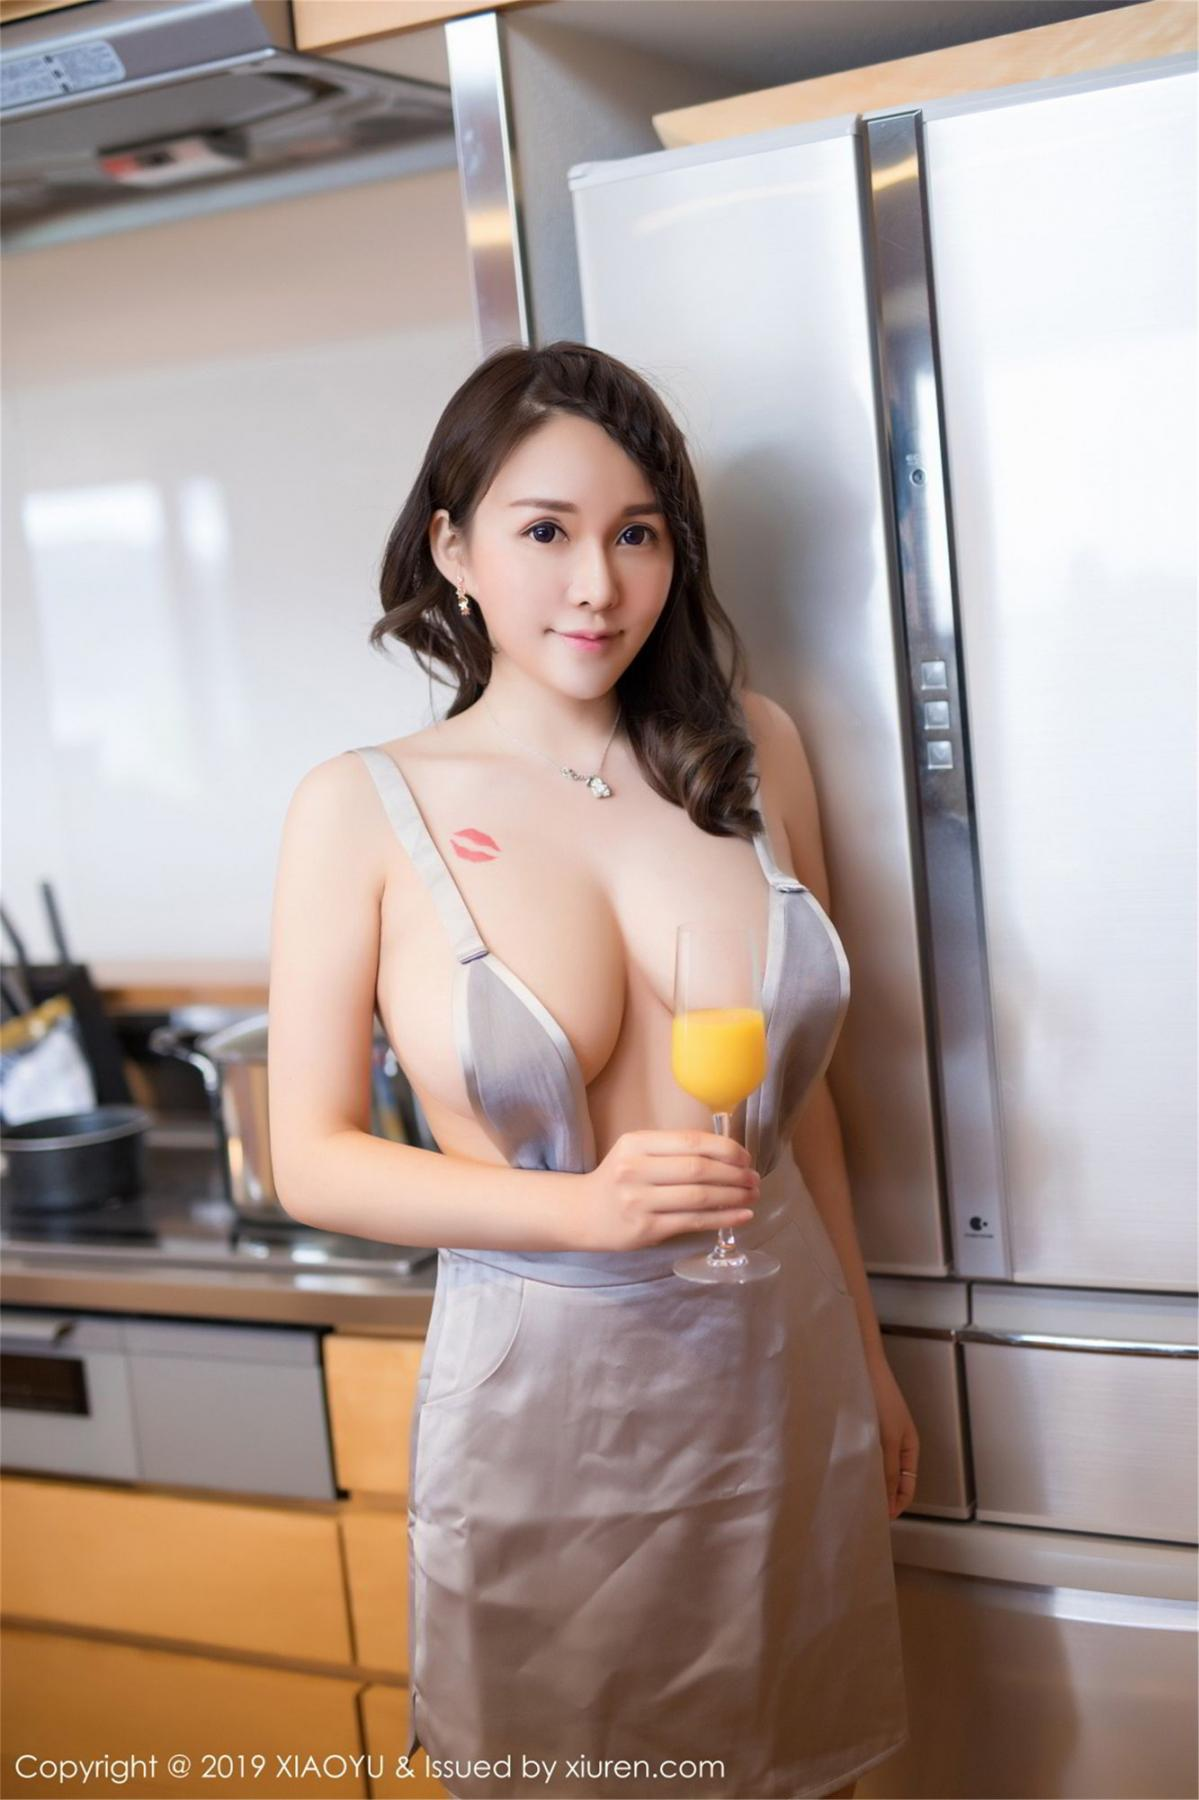 [XiaoYu] Vol.080 Shen Mi Tao 13P, Shen Mi Tao, XiaoYu